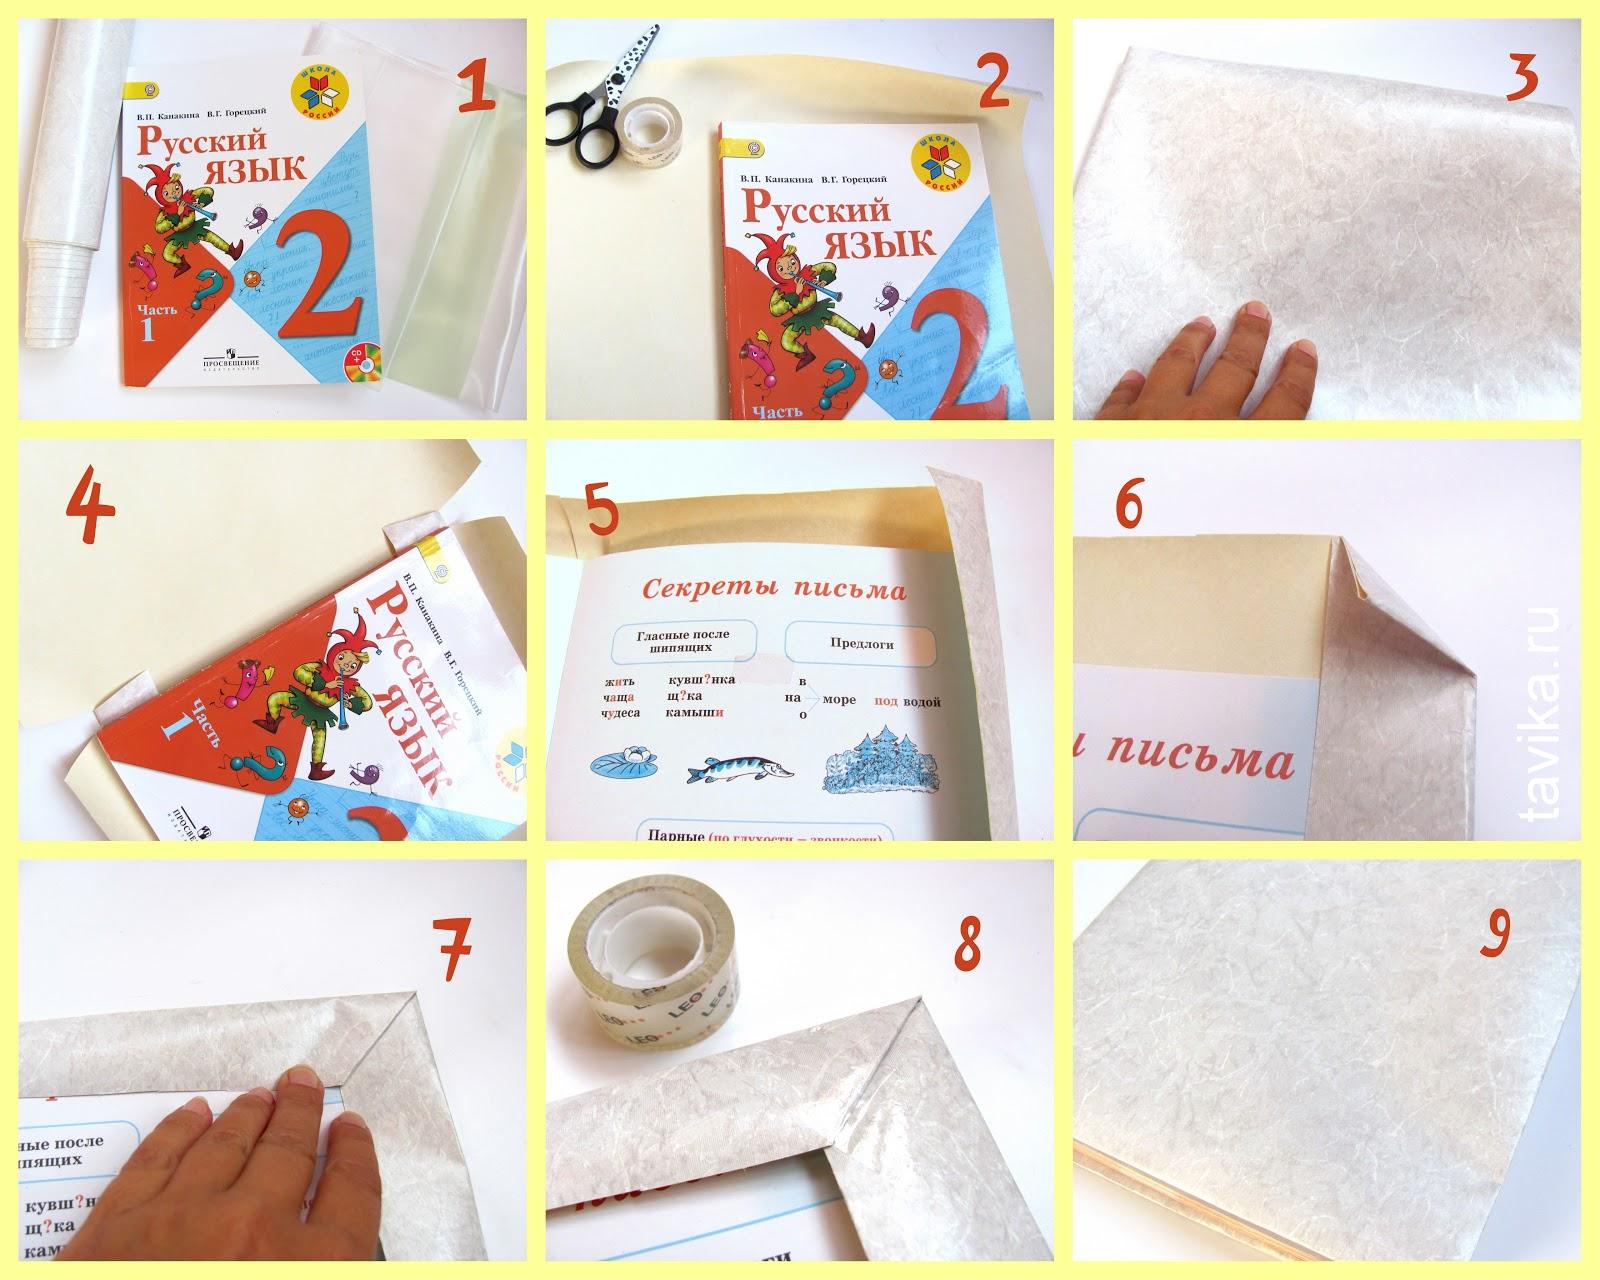 Как сделать обложки для учебников своими руками фото 988